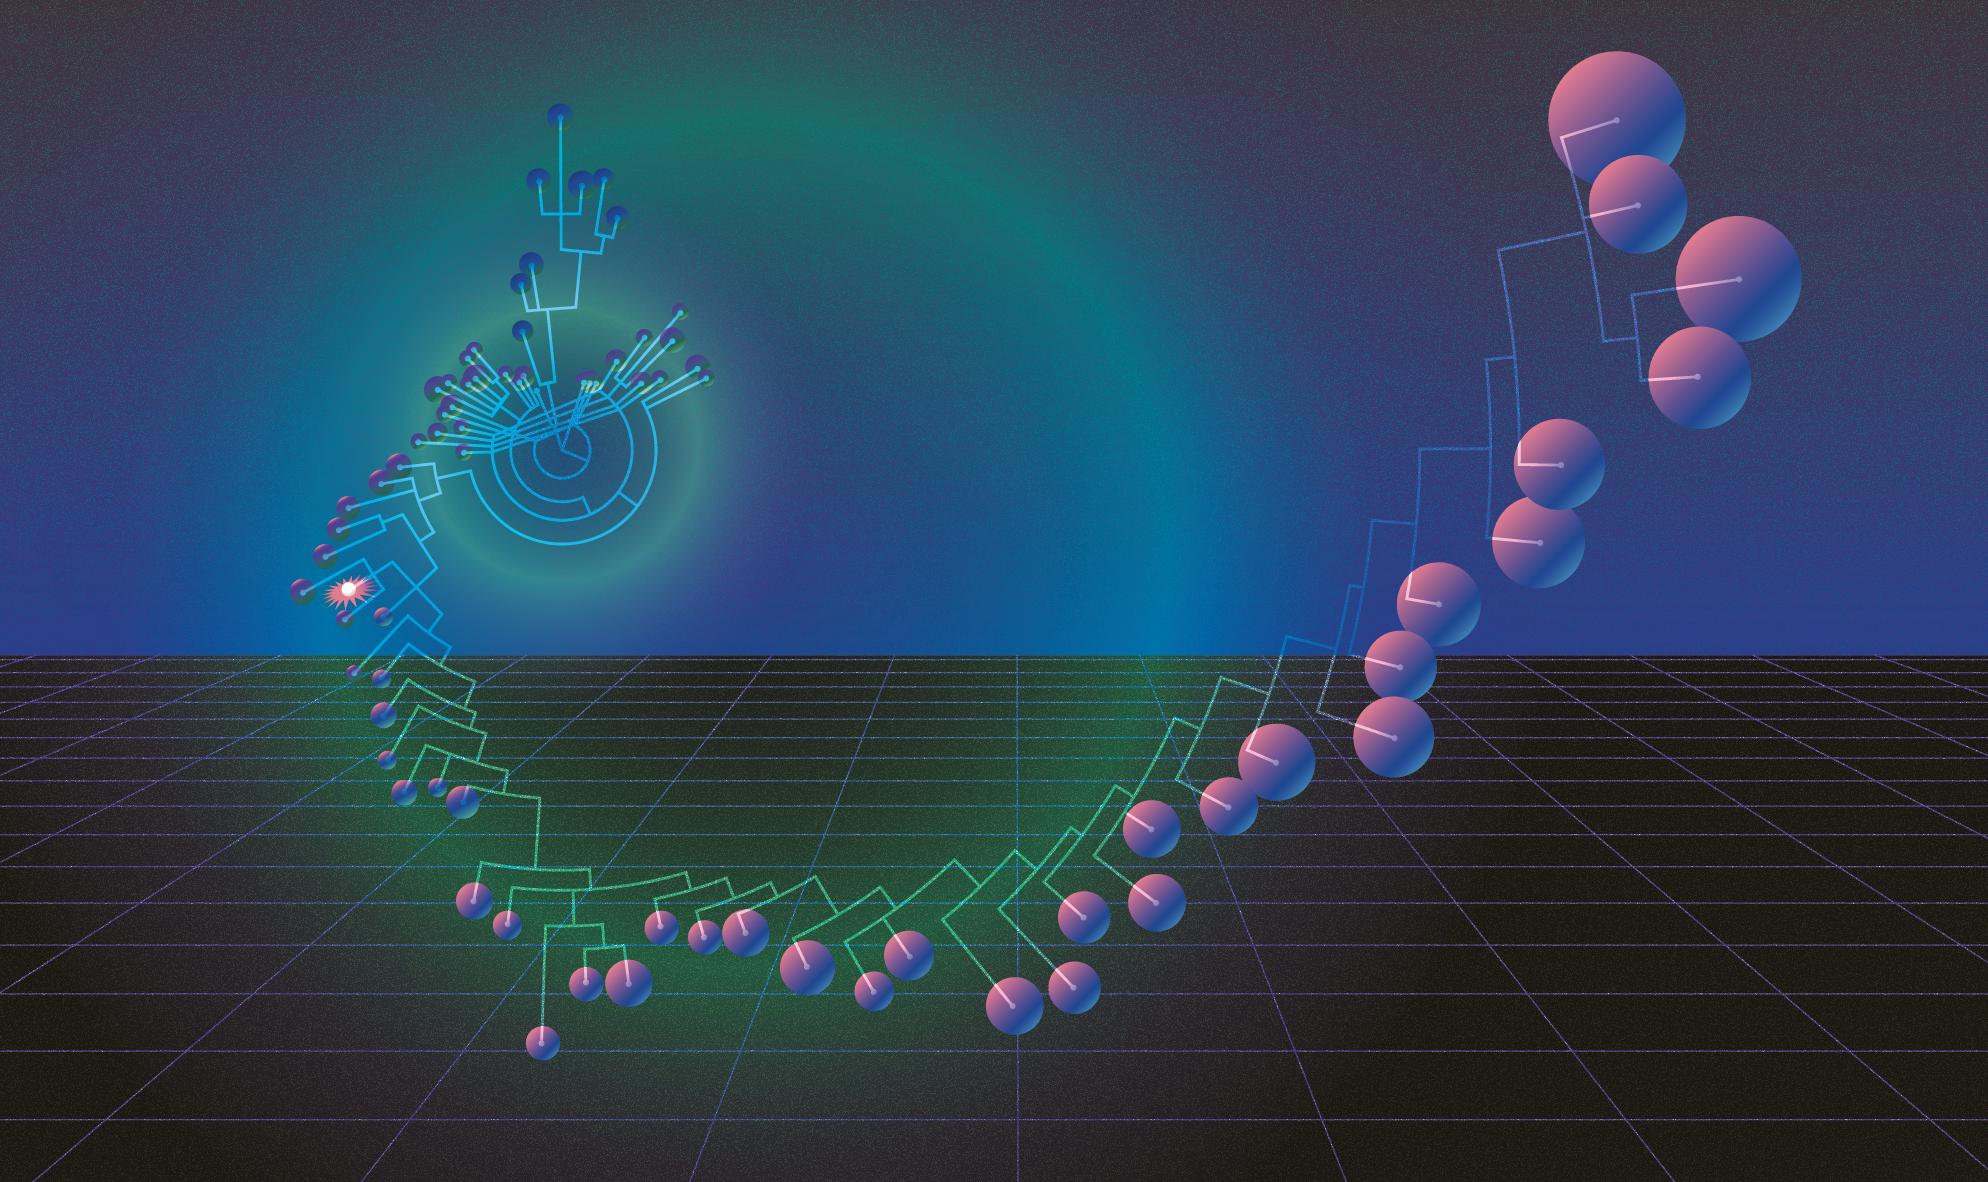 Arbol genealógico estelar revela caos en nuestra historia Galáctica